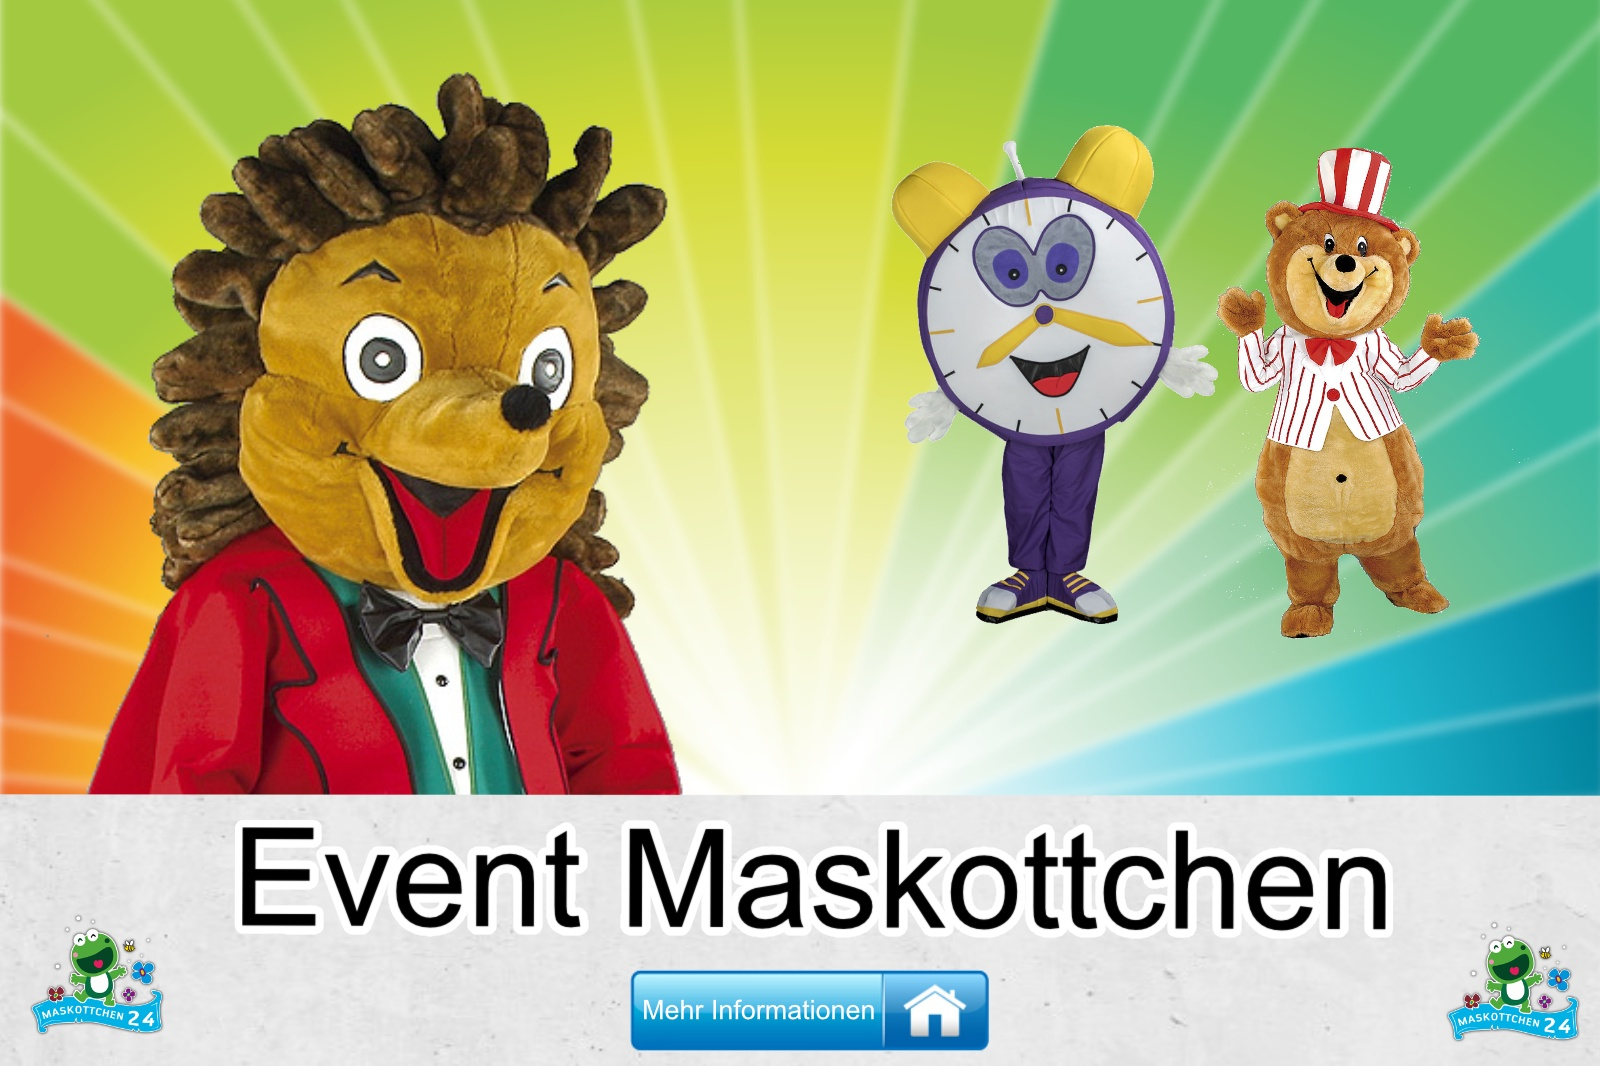 Event Maskottchen Kostüm kaufen, günstige Produktion / Herstellung